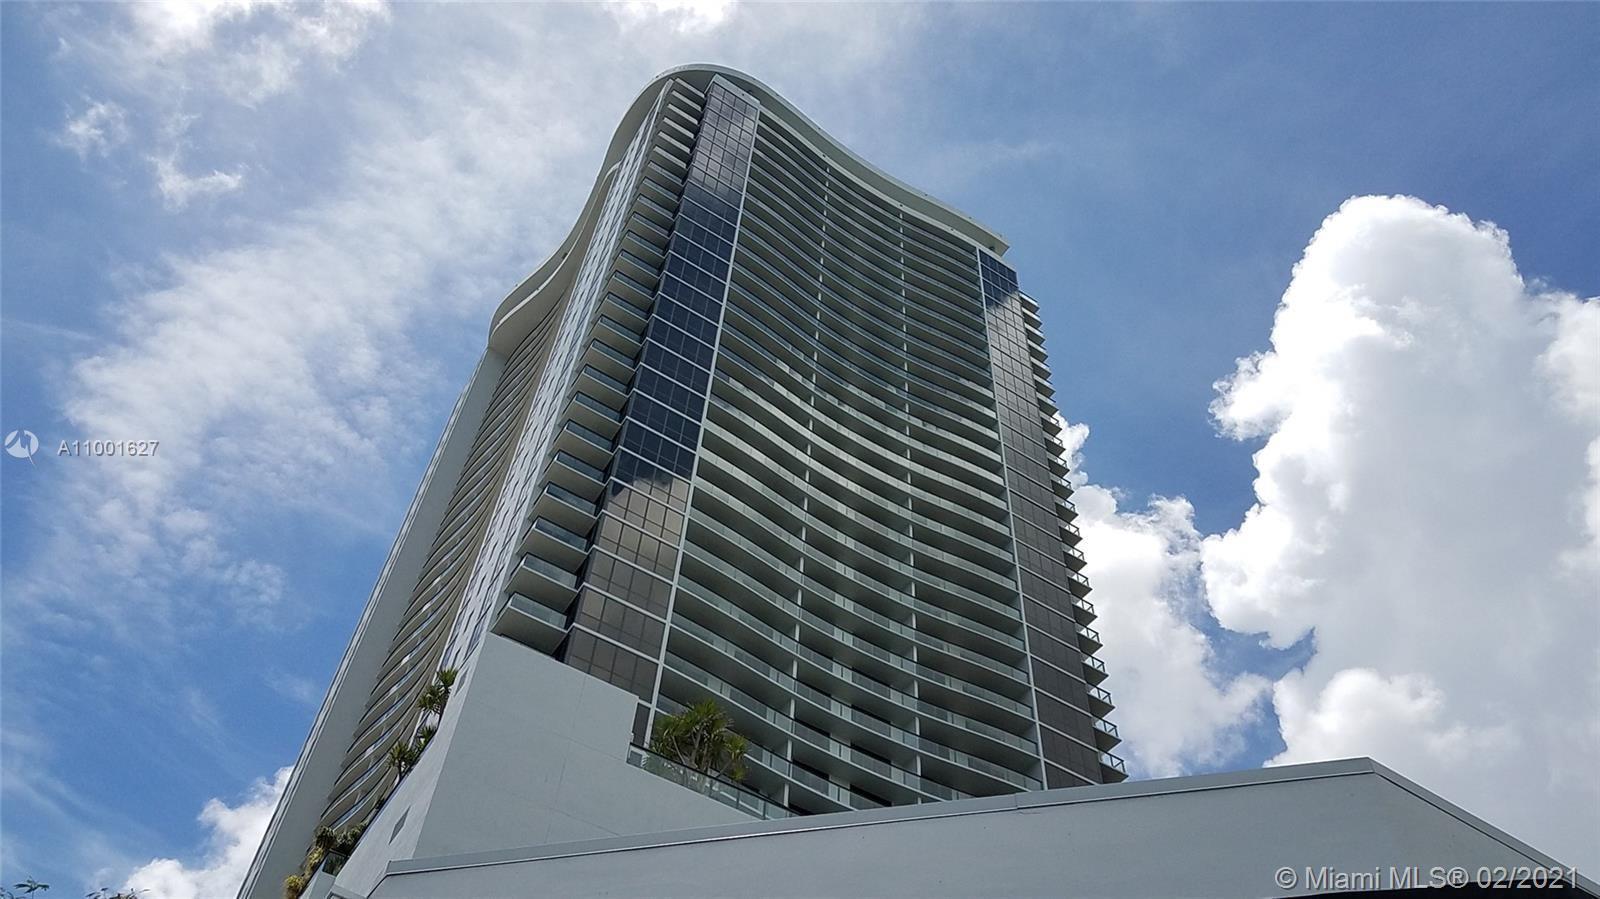 Canvas #3703 - 1600 NE 1st Ave #3703, Miami, FL 33132